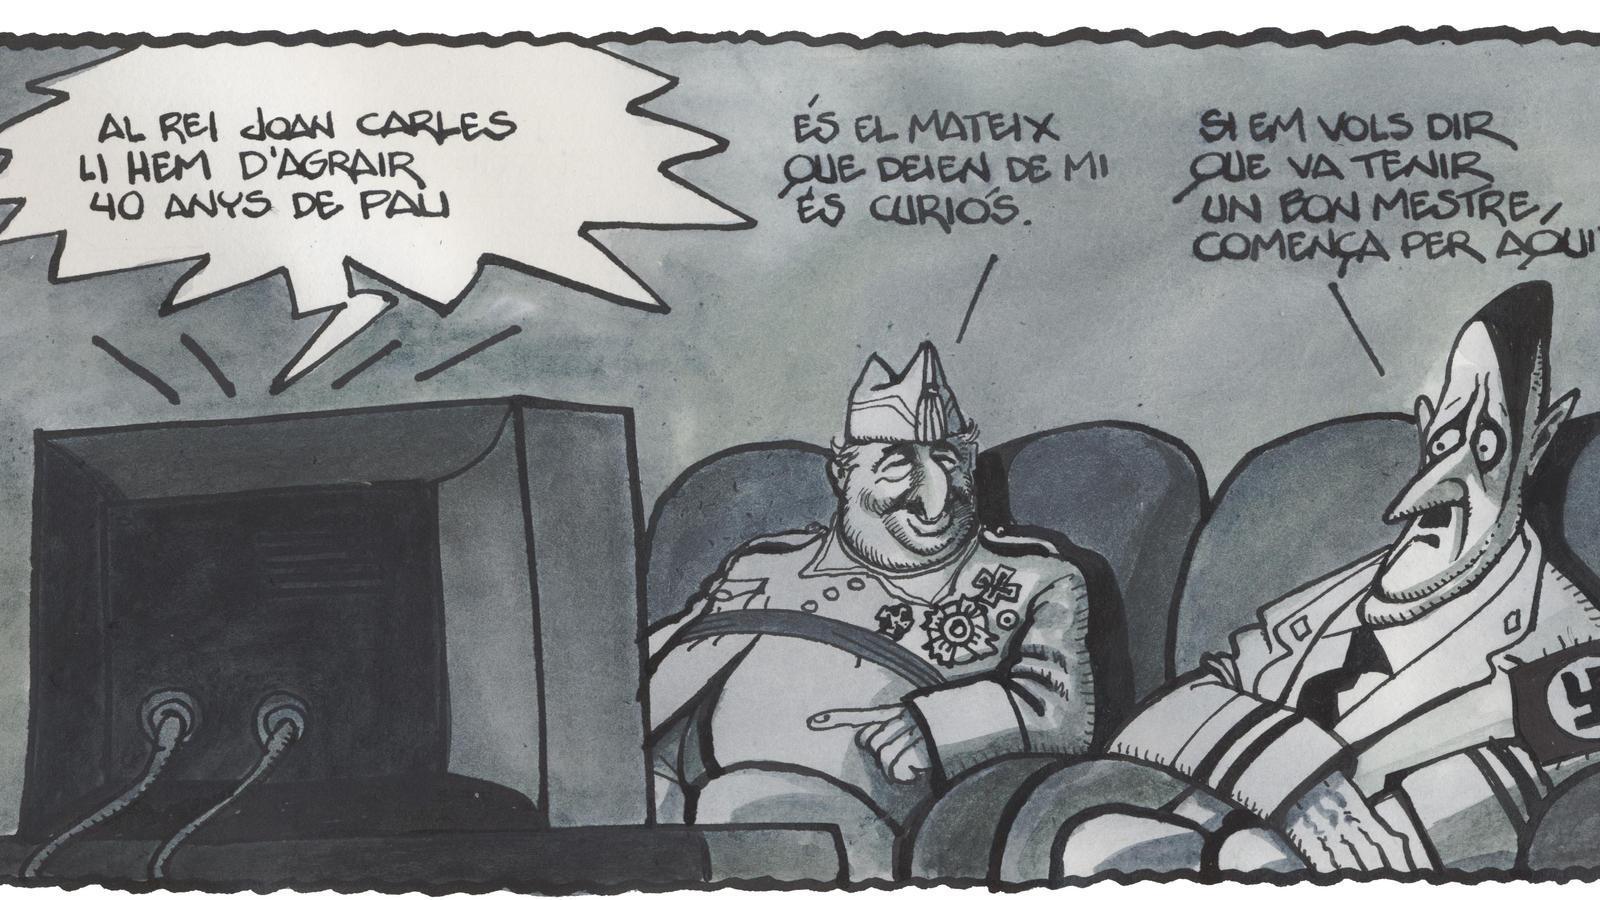 'A la contra', per Ferreres 14/08/2020